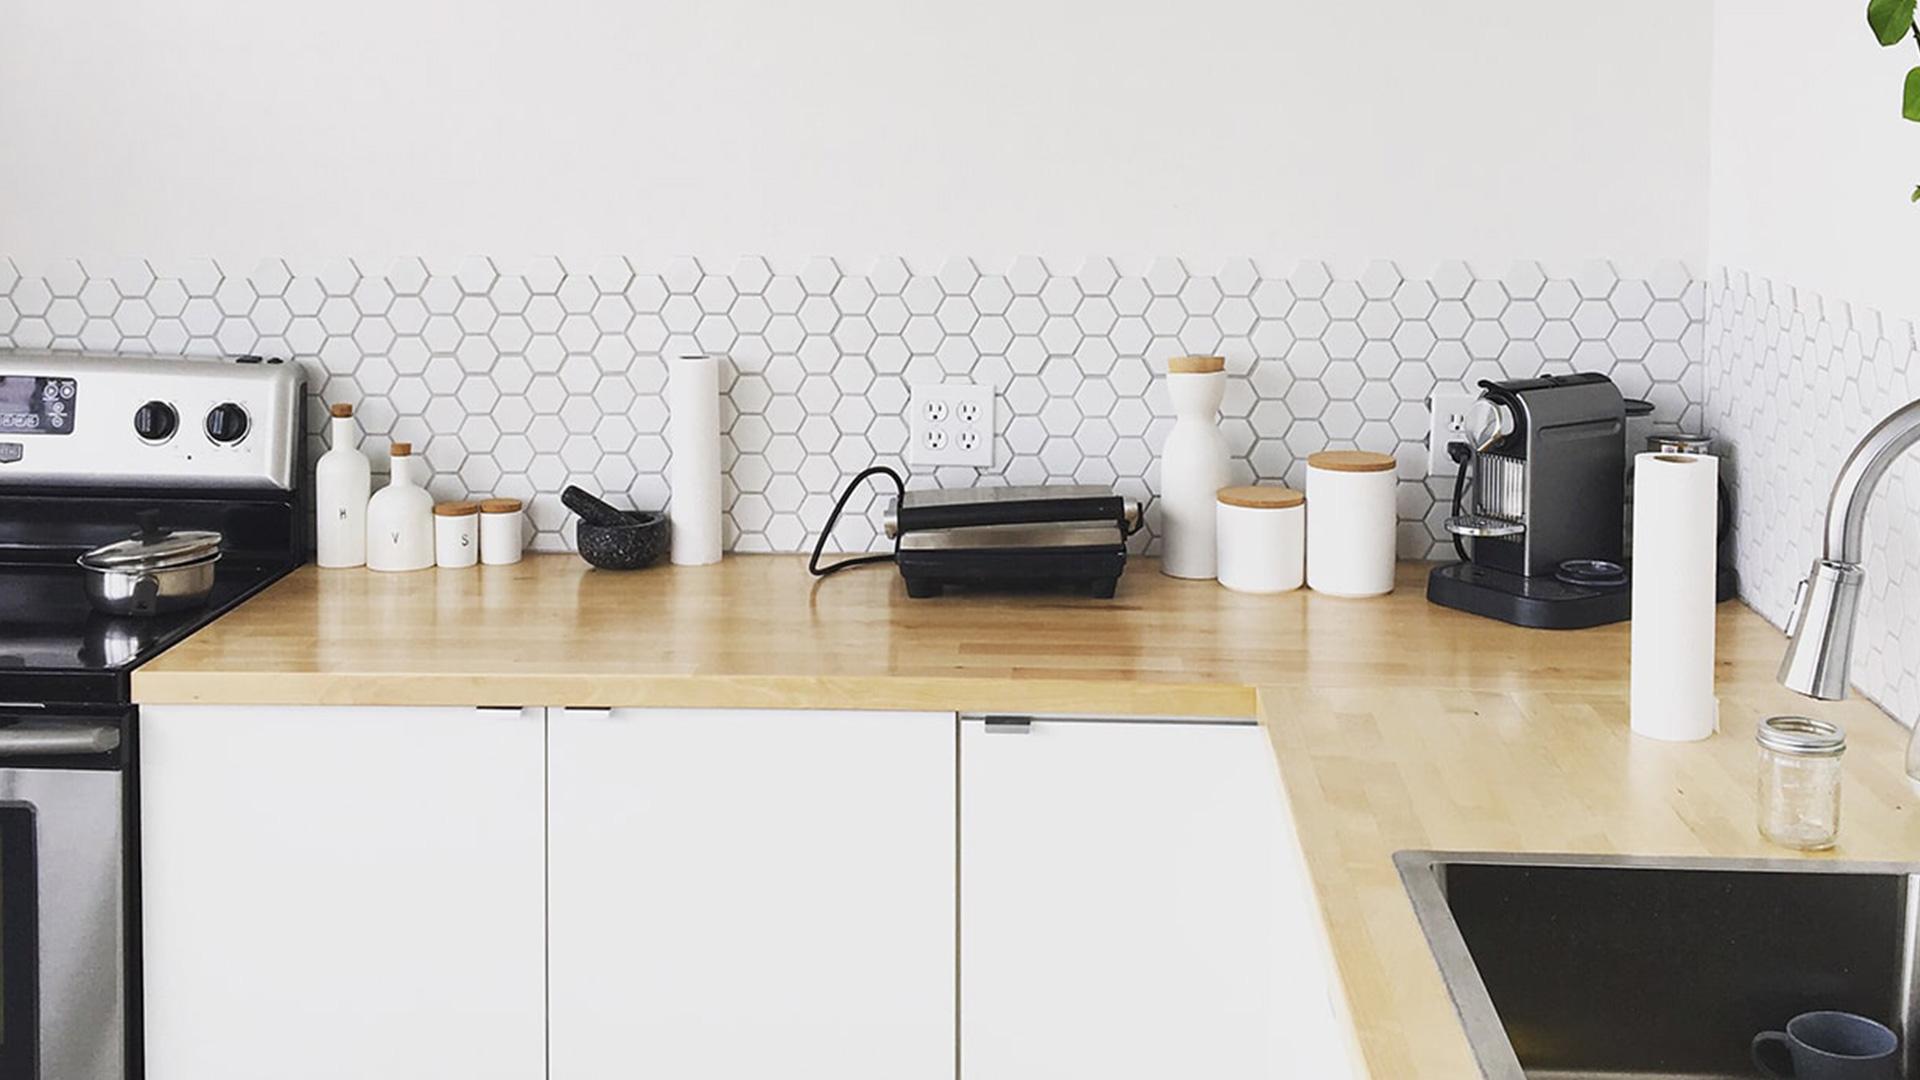 Einbauküche weiß mit Waschbecken und Backofen weitere Wohnideen findest du auch auf desmondo.de